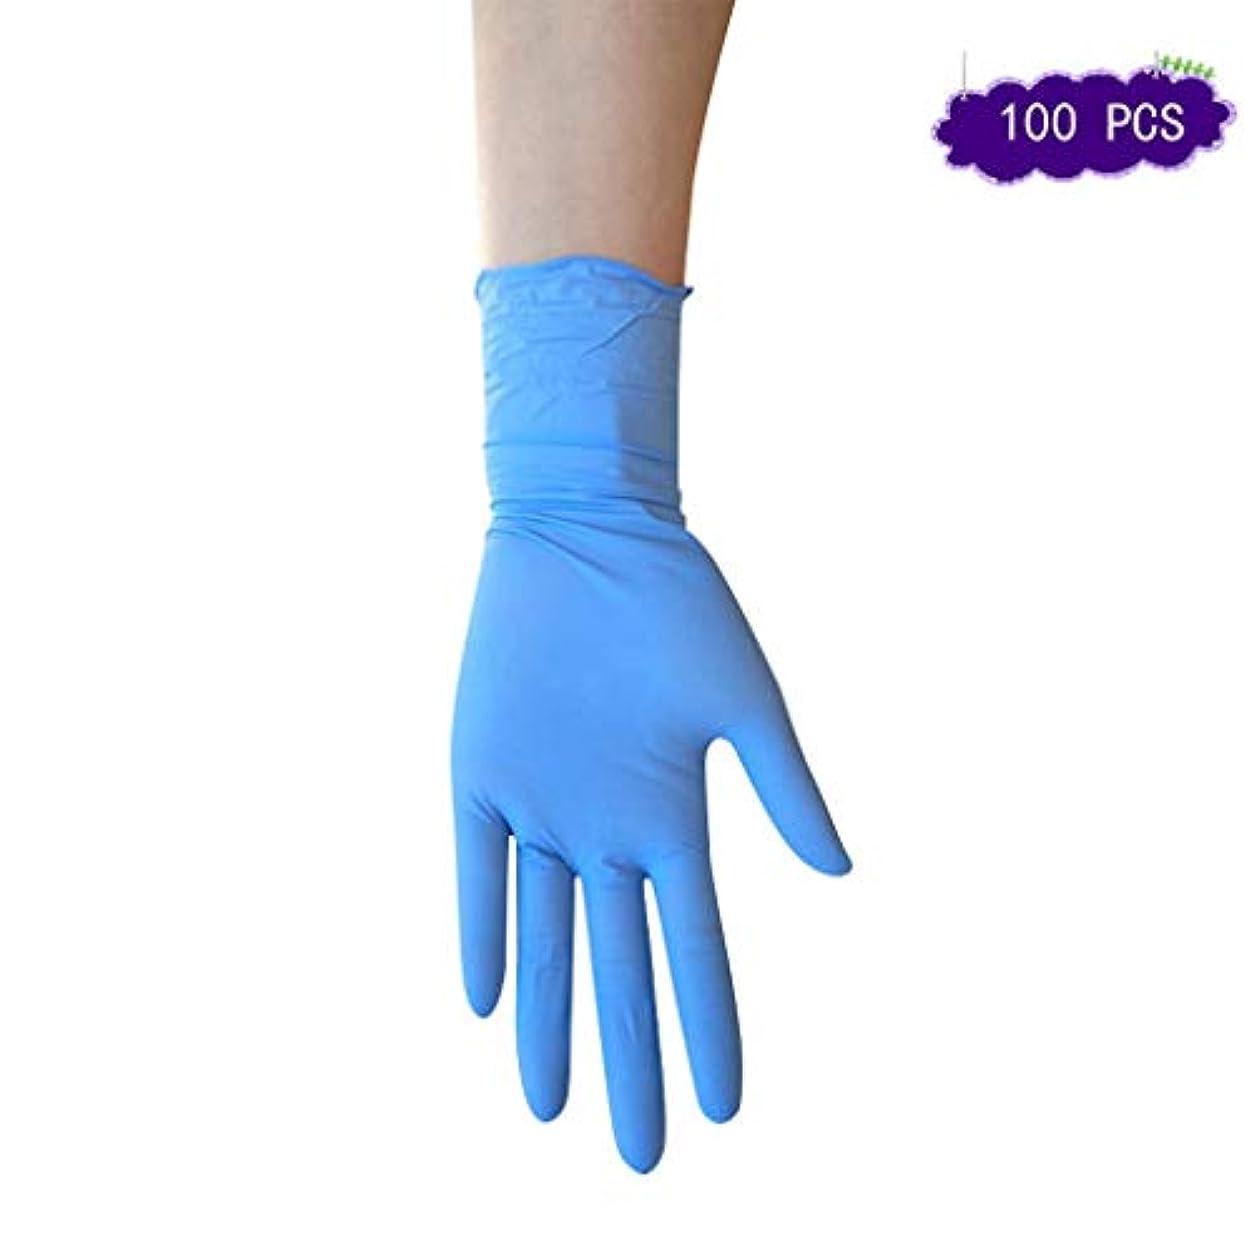 パスタ冷蔵するバラバラにする使い捨てラテックス手袋ニトリル低温保護医療滅菌手袋9インチブルースキッド手袋なしパウダー (Color : 9 inch, Size : S)